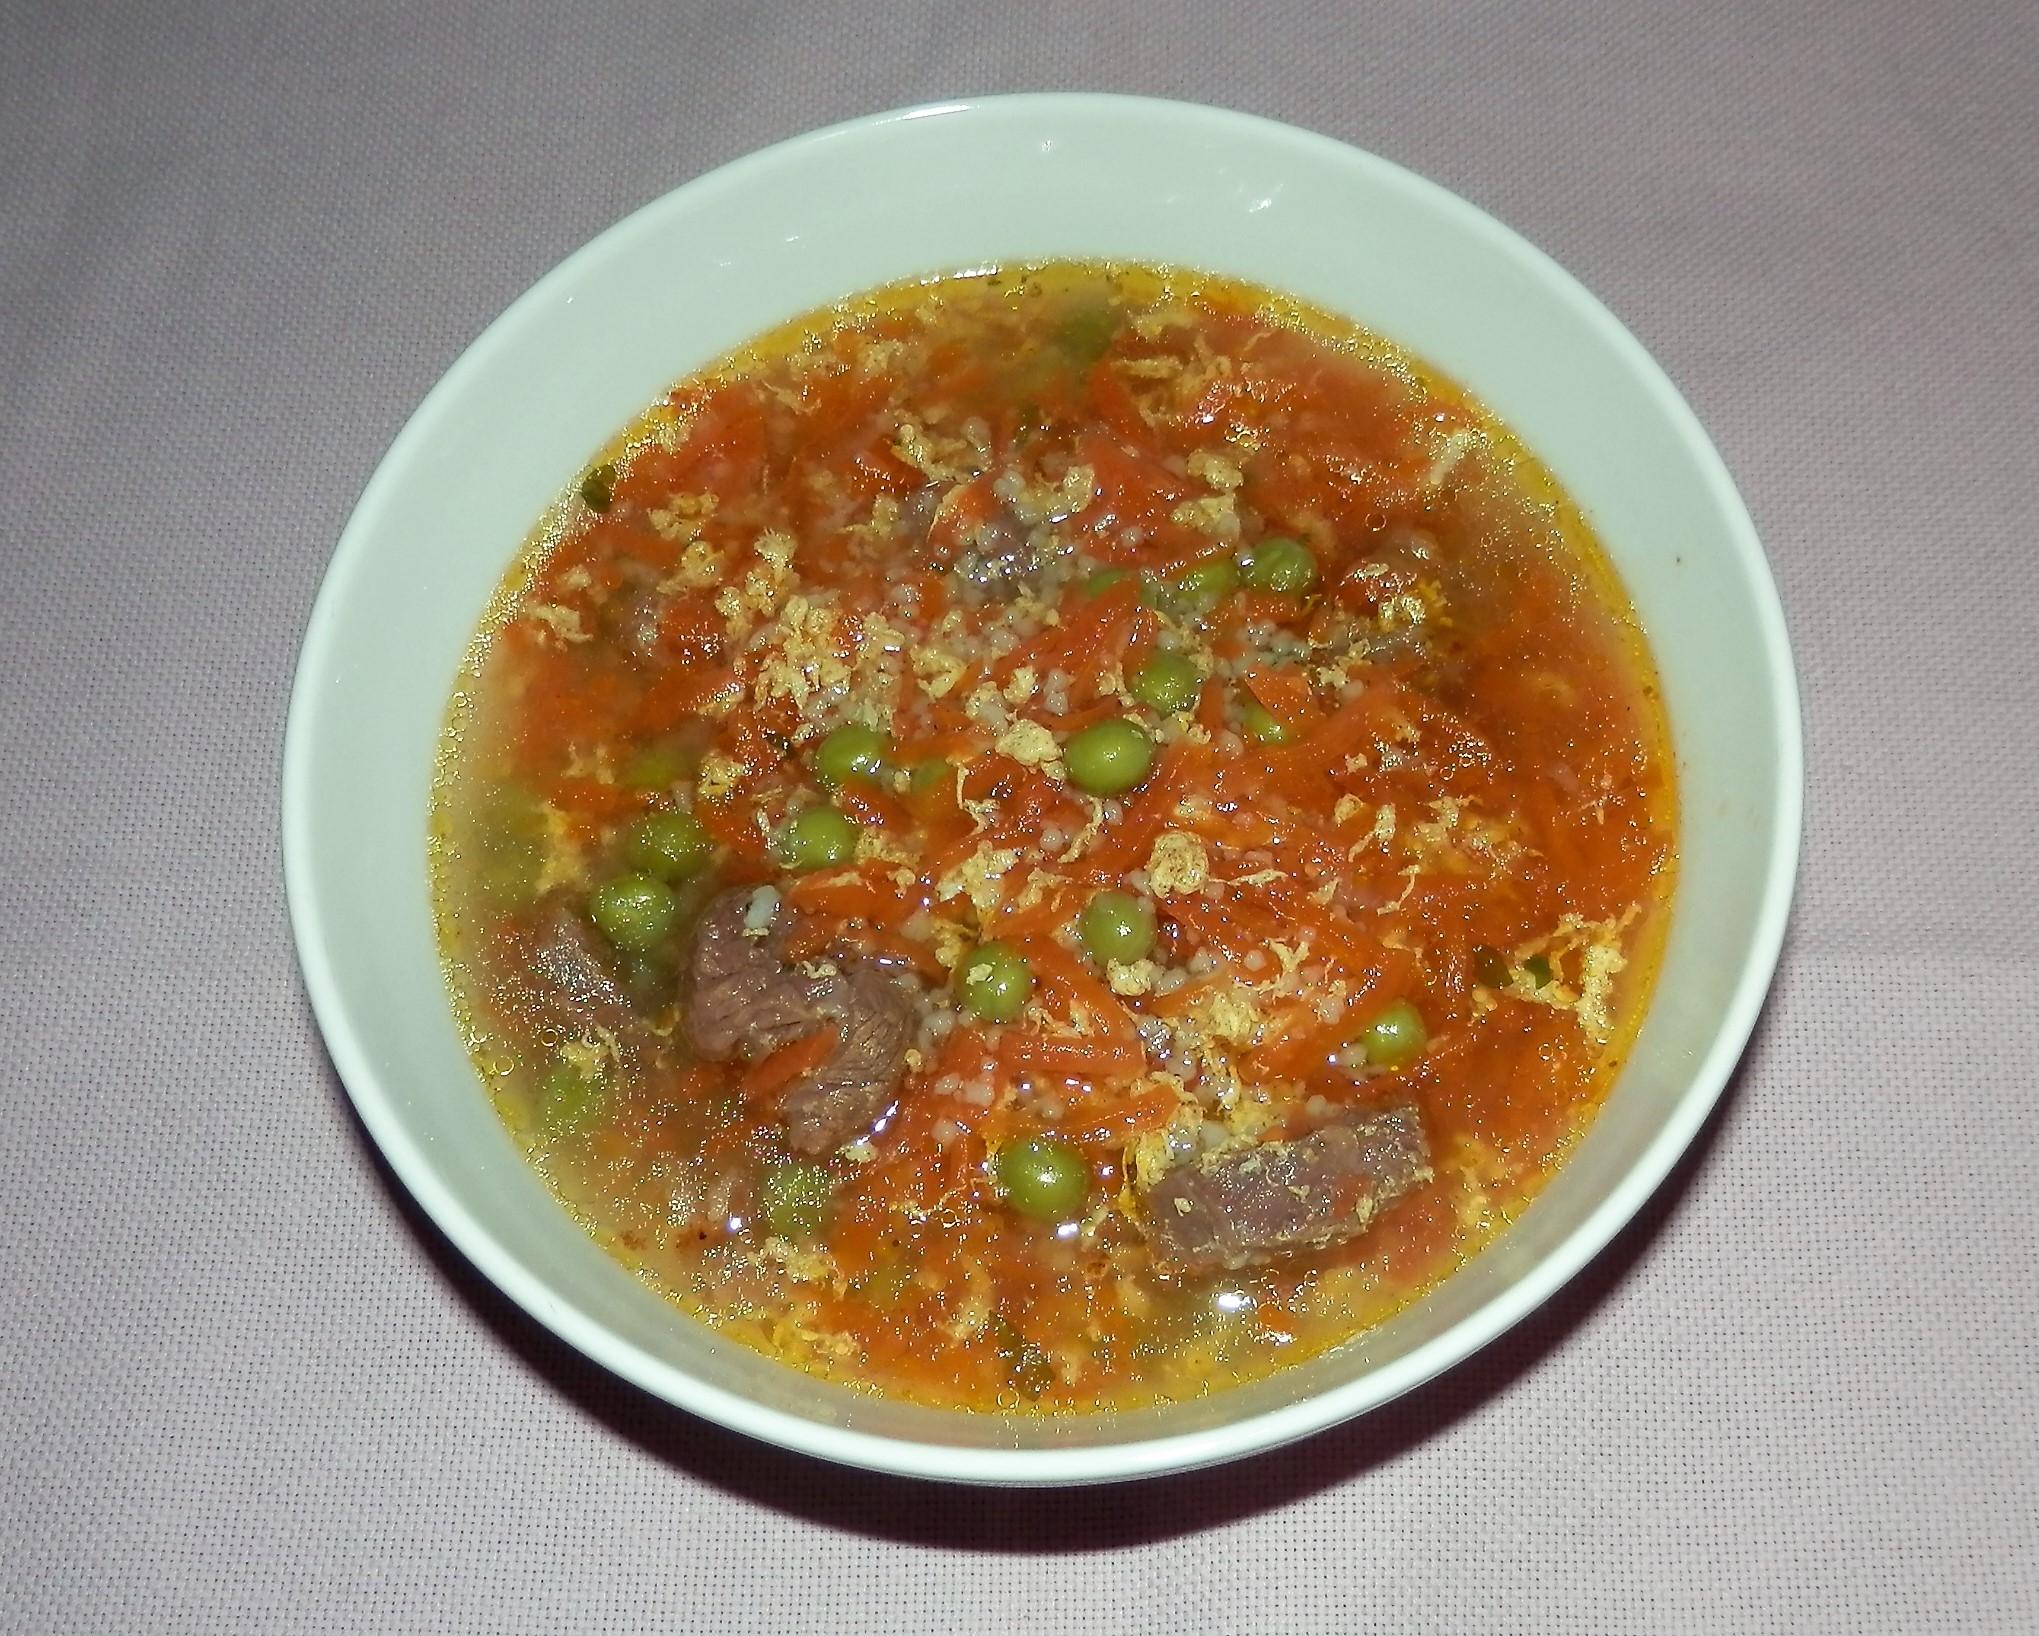 Netradiční hovězí polévka